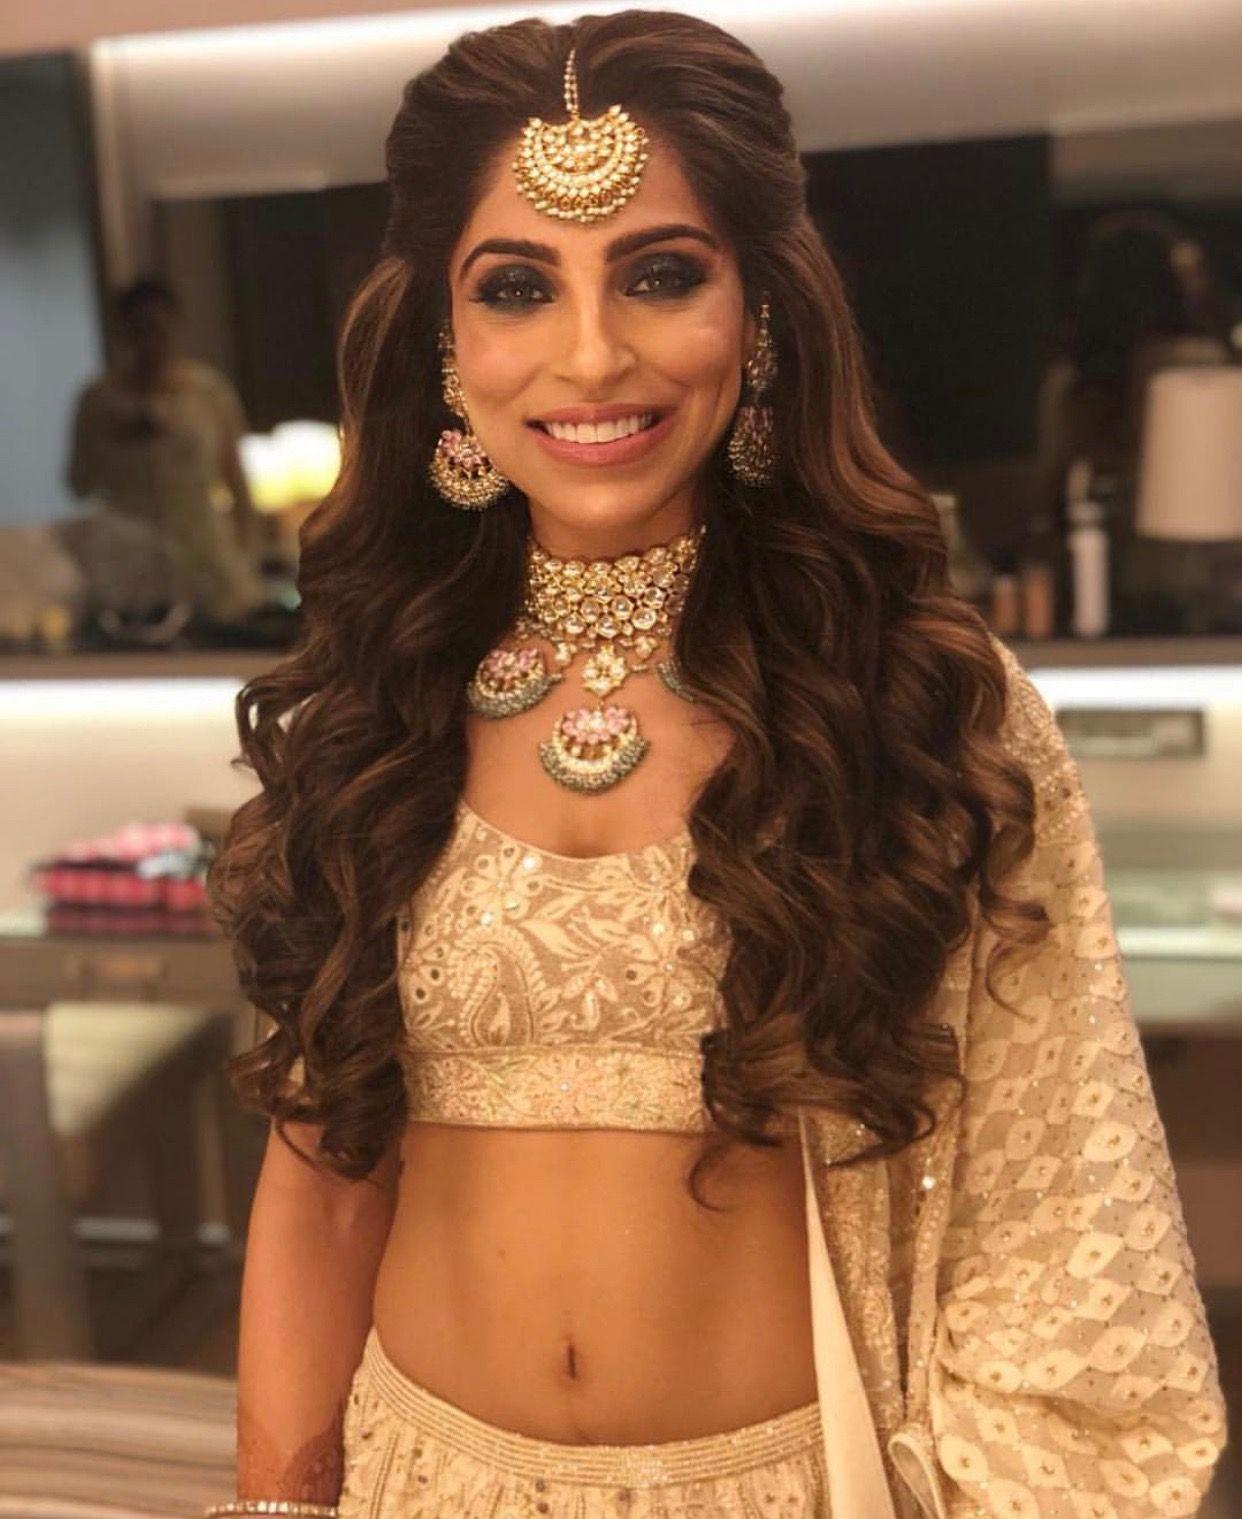 pinterest: @pawank90 | jewelry in 2019 | hair styles, indian